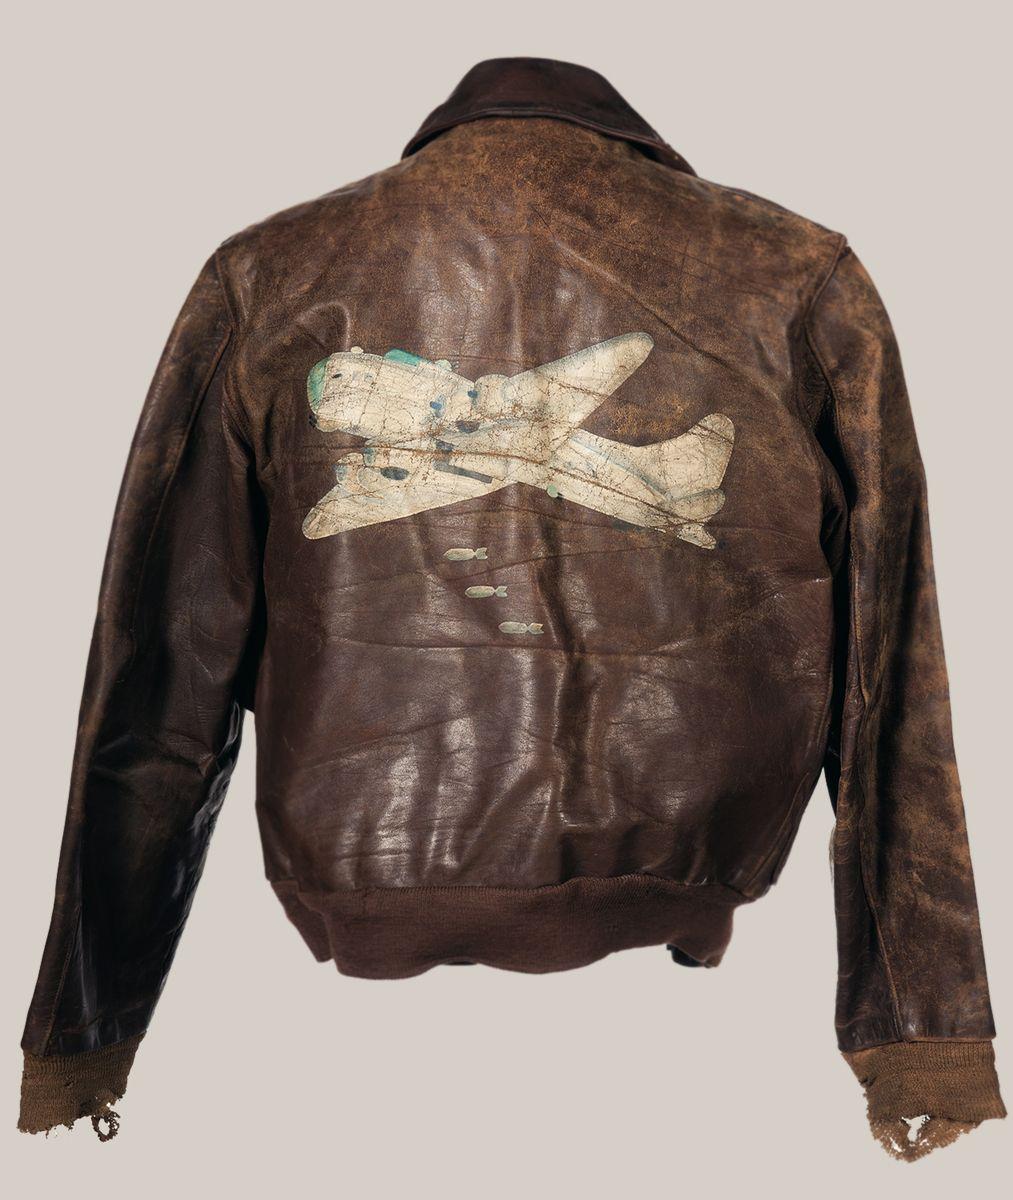 chrisgaffey Leather flight jacket, Jackets, Wwii bomber